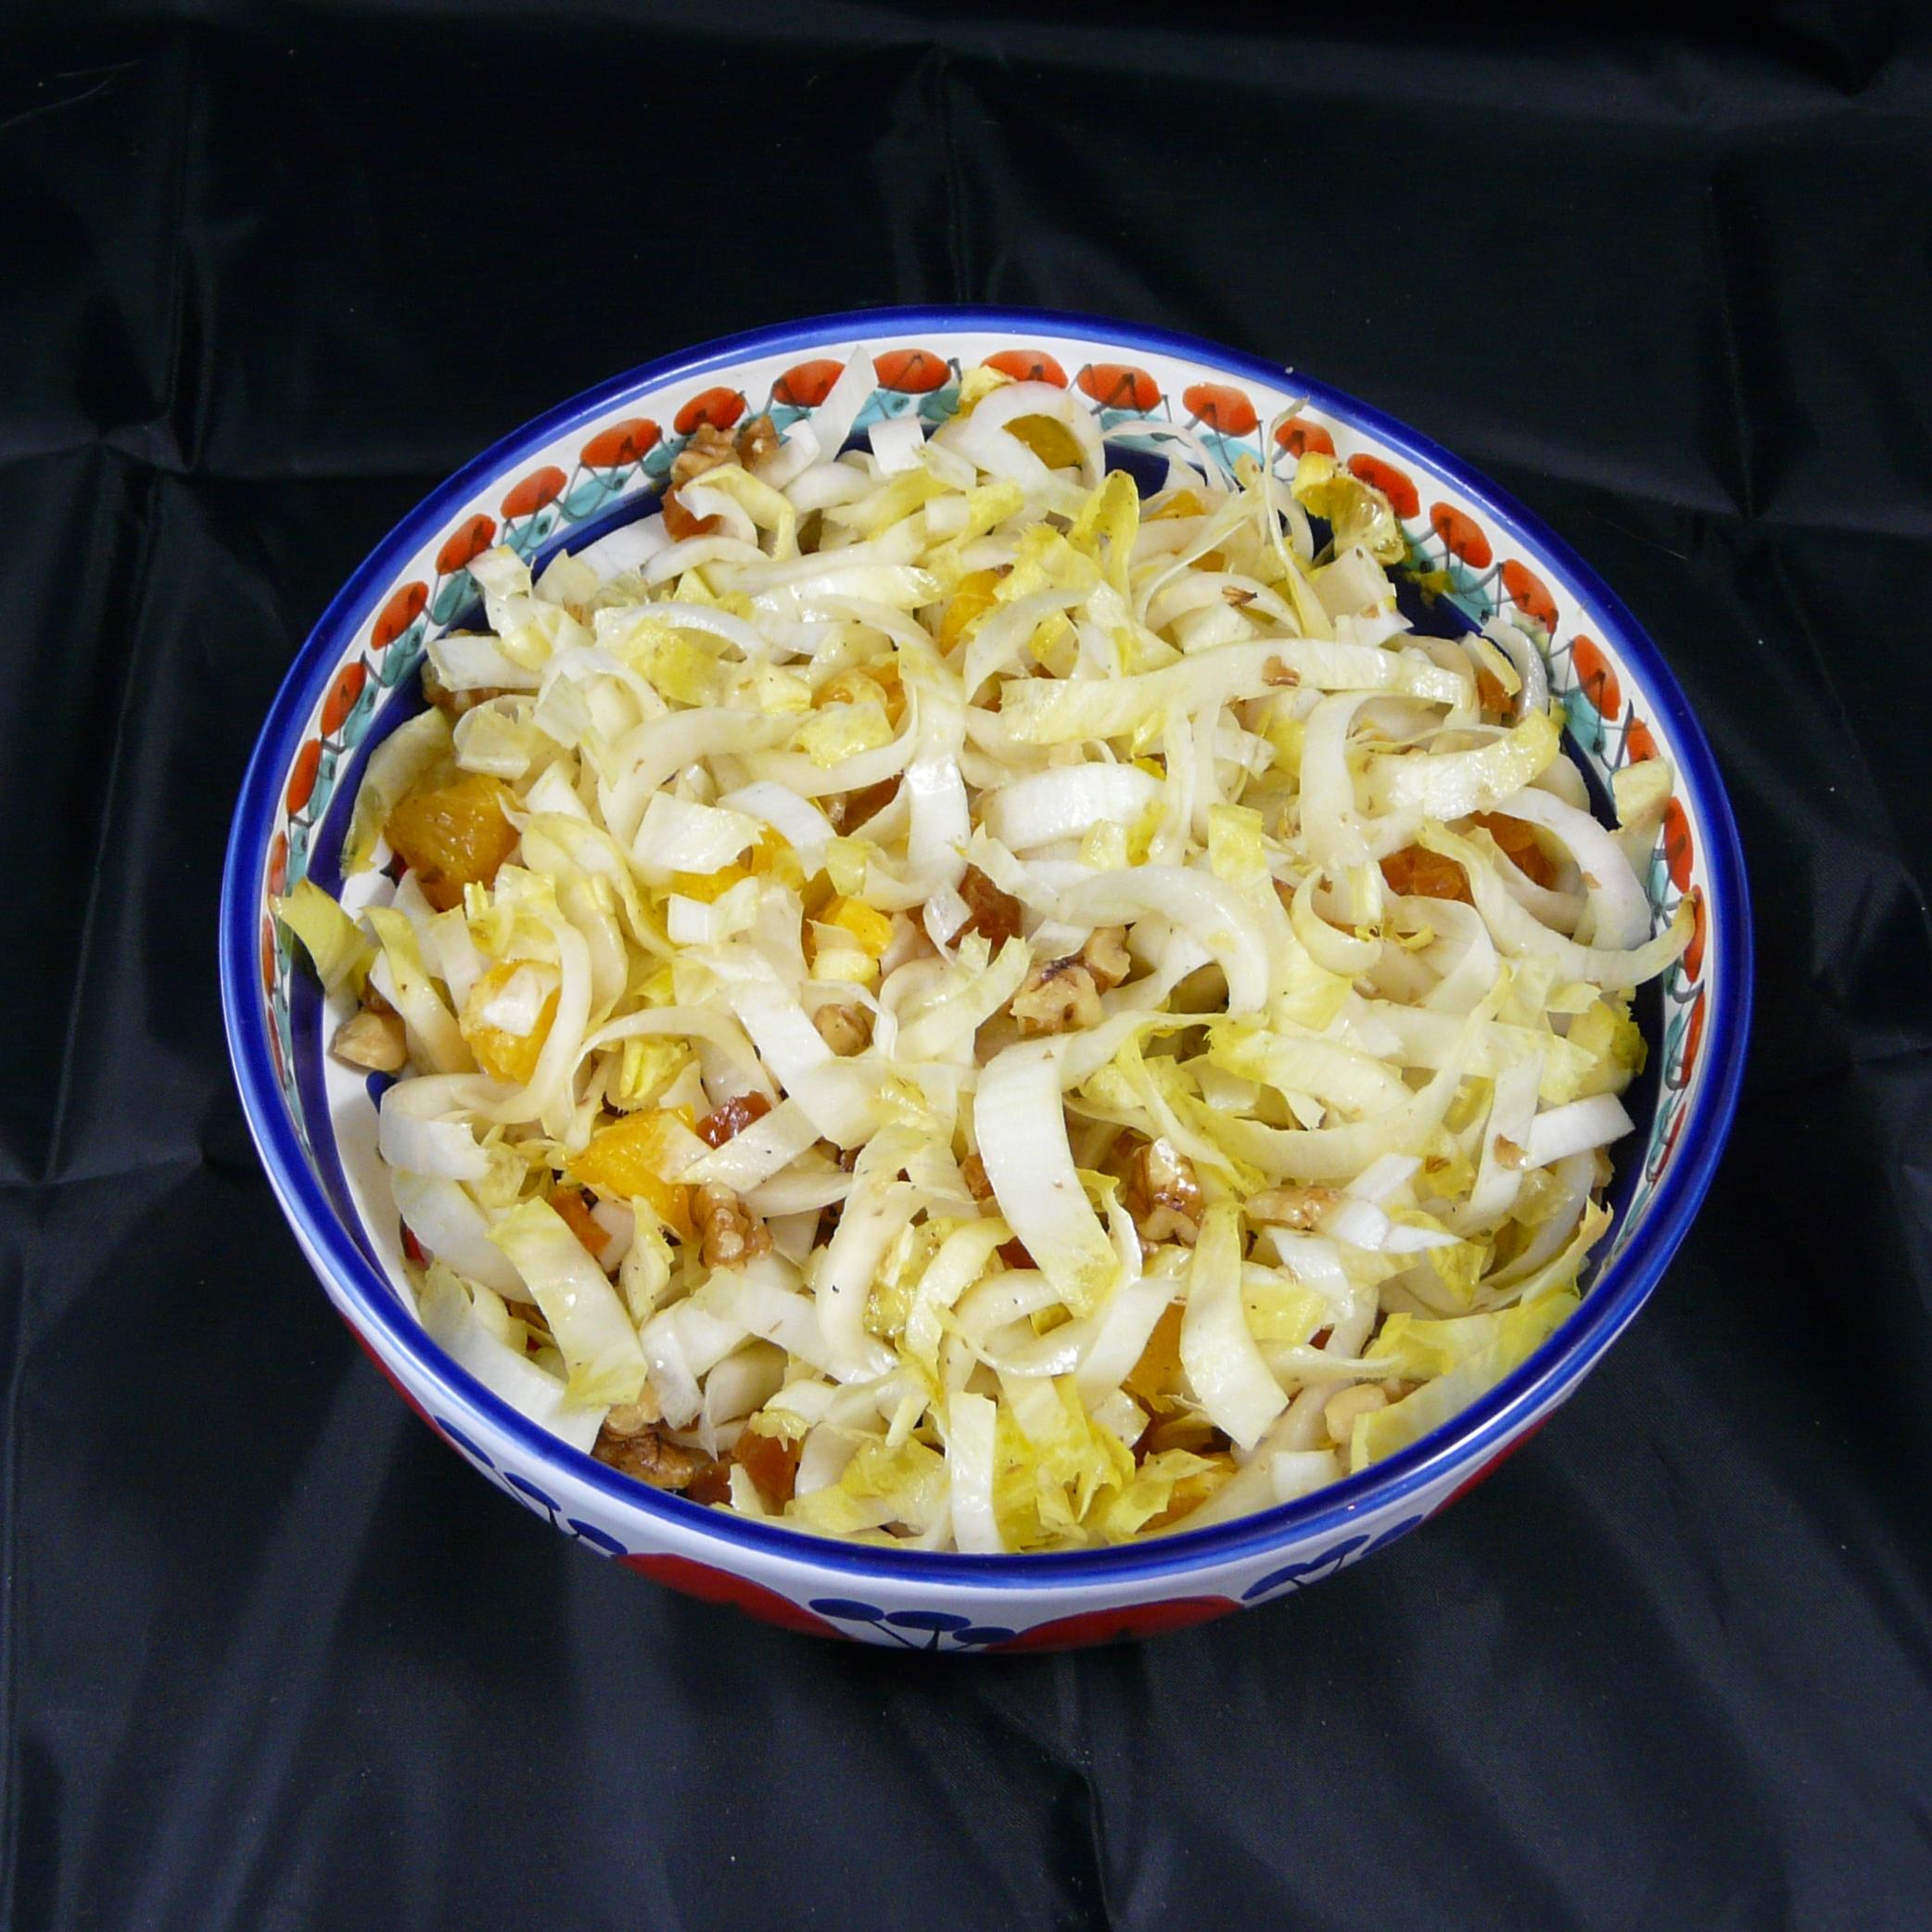 Witlofsalade met sinaasappel, walnoot en gedroogde abrikozen